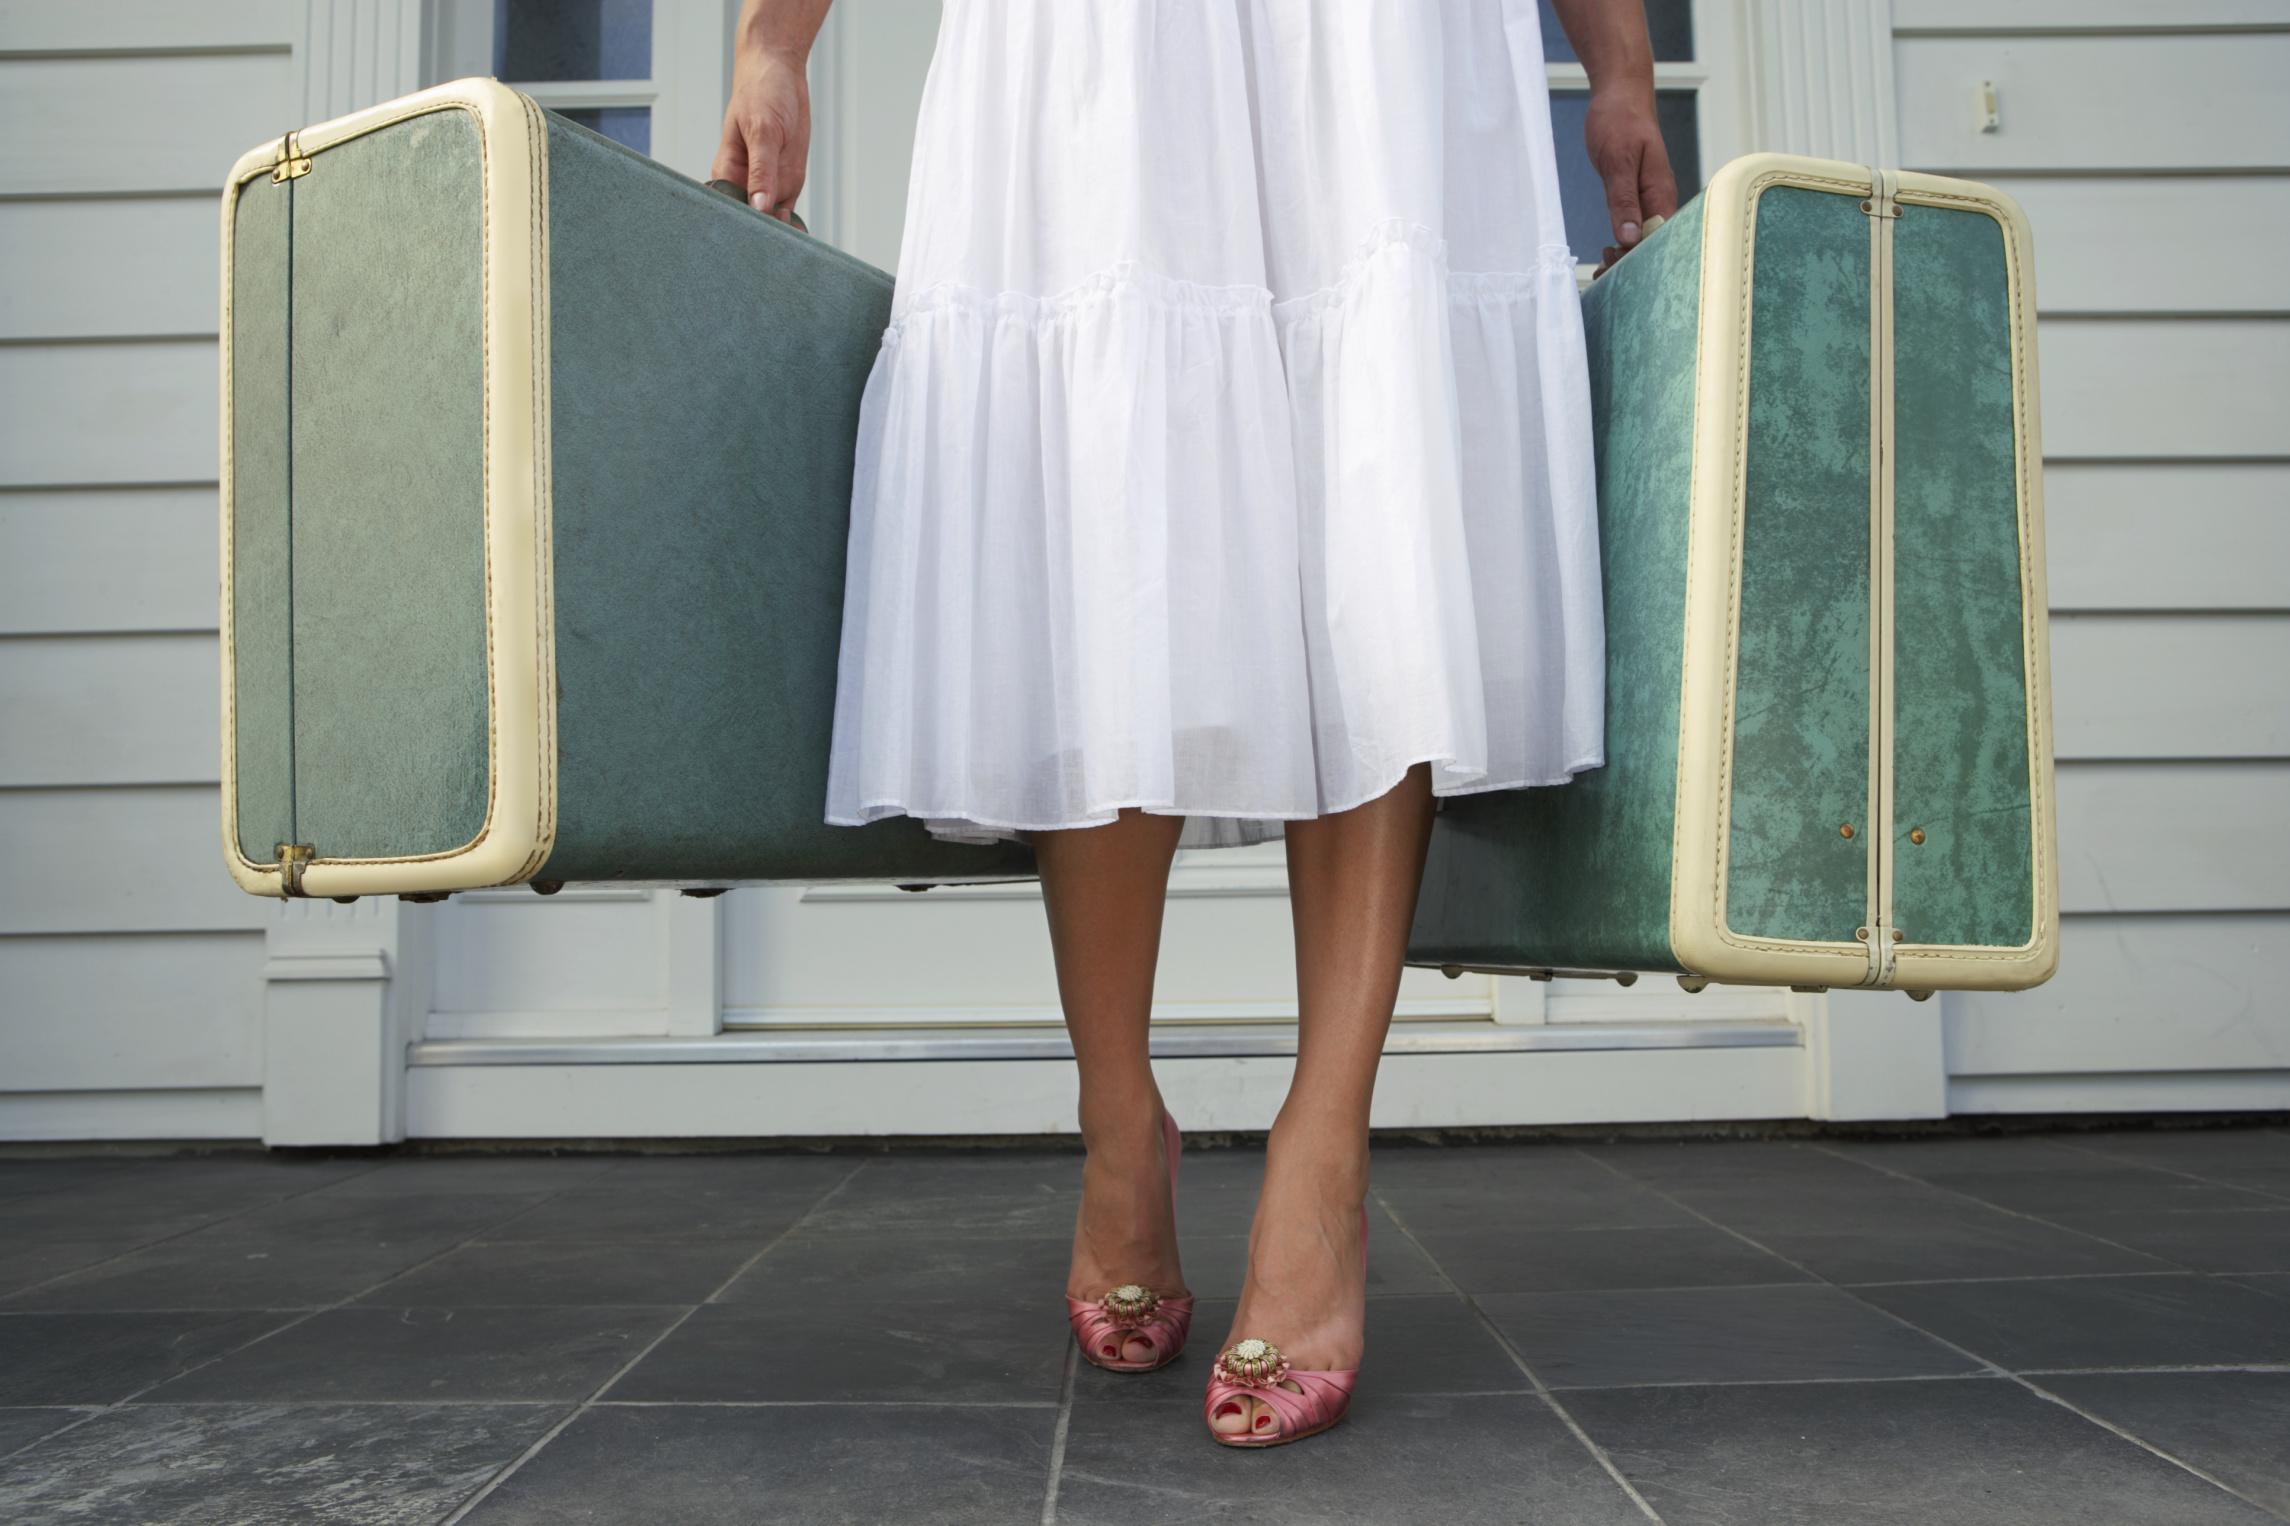 girl-with-luggage.jpg